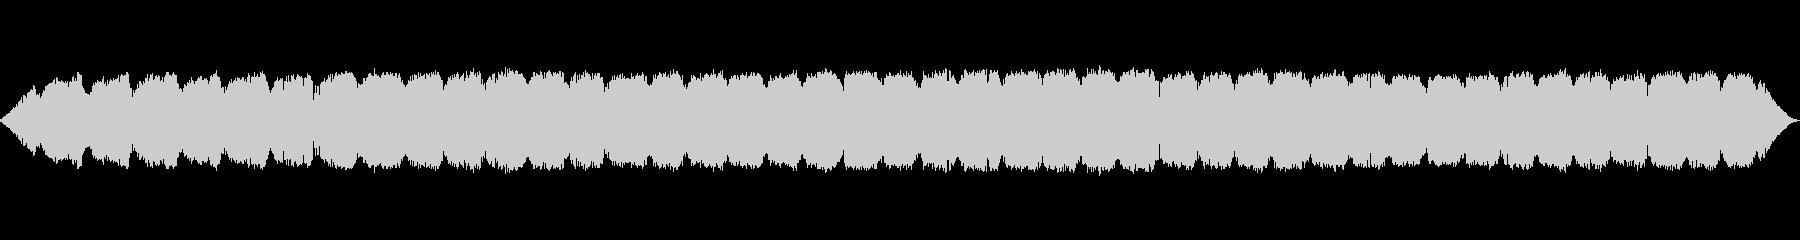 セミソングループの未再生の波形